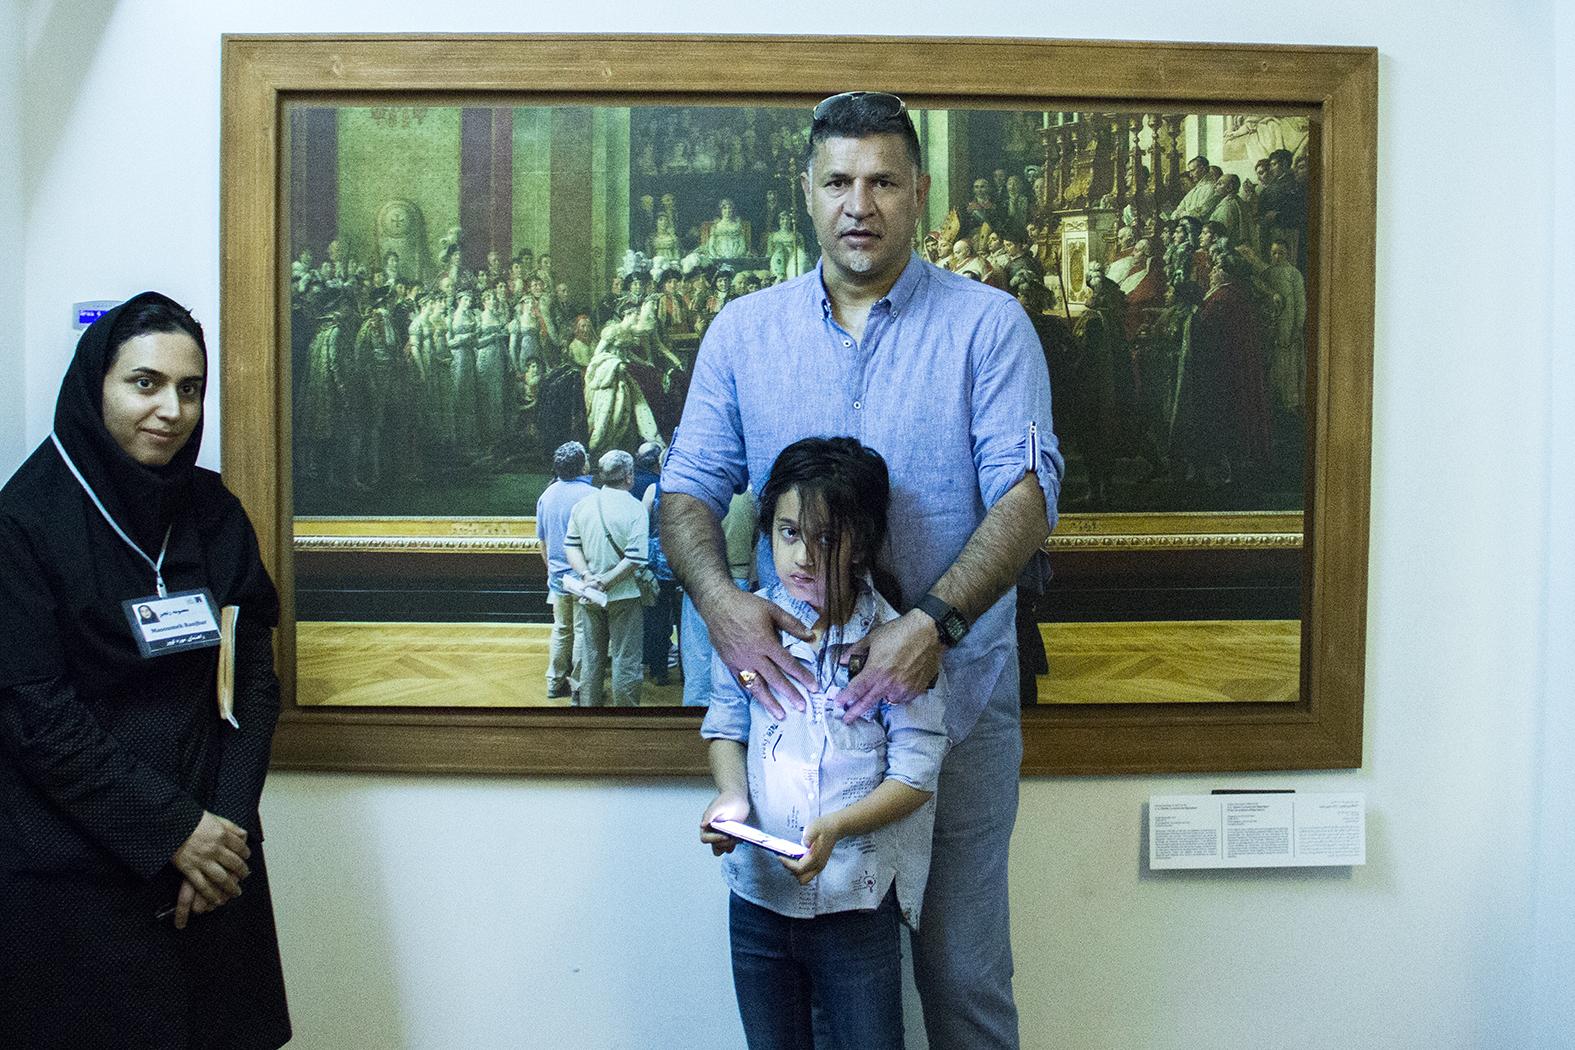 عکس های بازدید خانوادگی علی دایی از موزه لوور